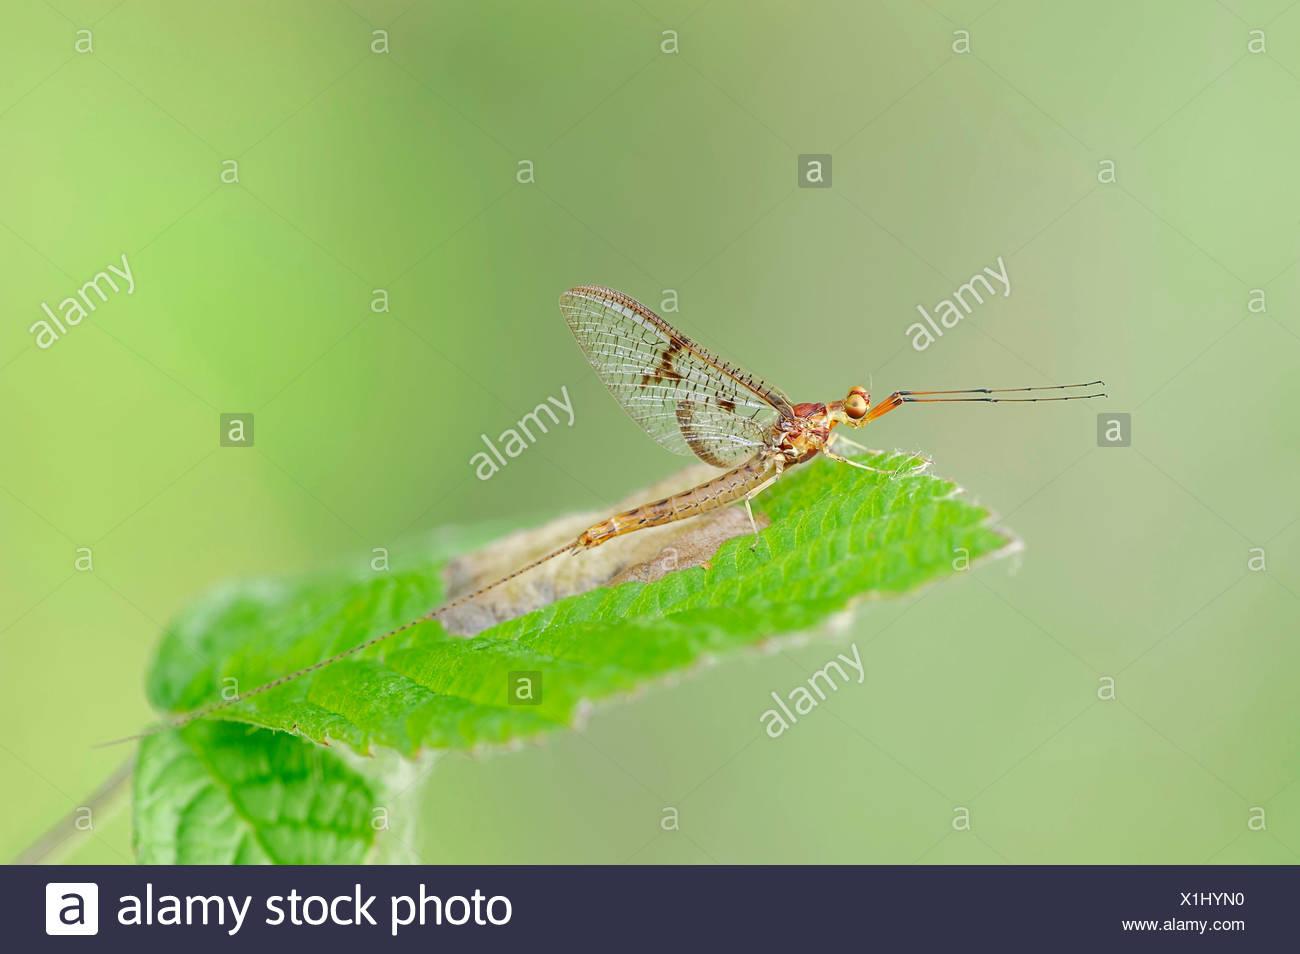 Mayfly (Ephemera lineata), male, North Rhine-Westphalia, Germany - Stock Image